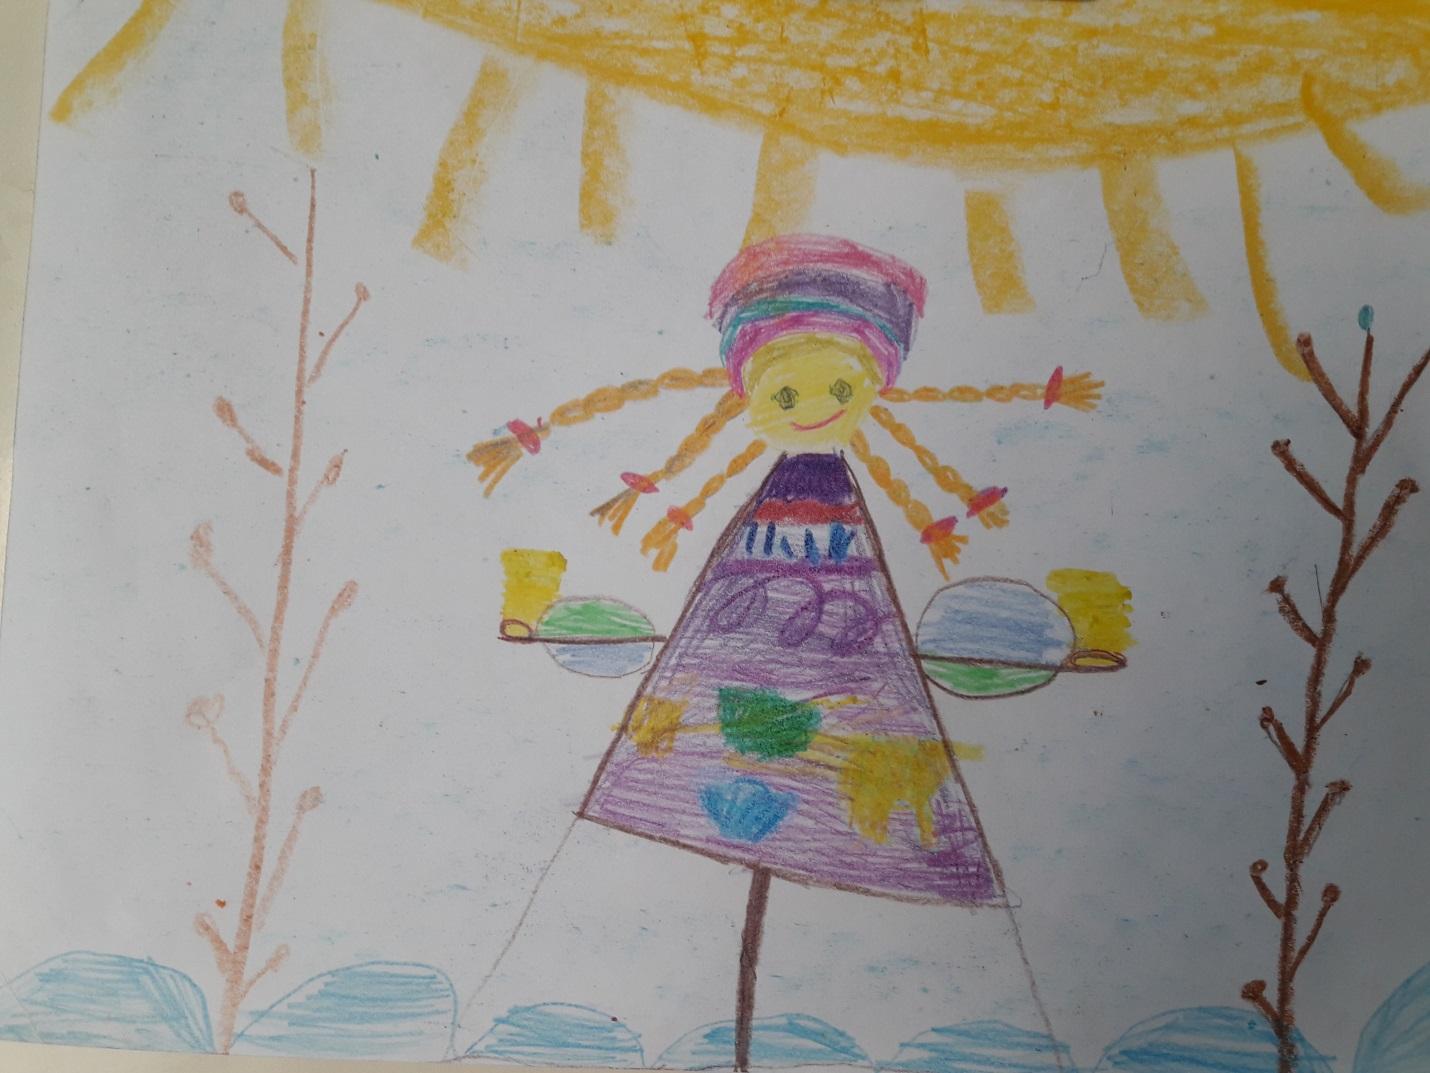 C:\Users\User5\Desktop\В ЮРИС\Городской конкурс детских рисунков Широкая масленица\20210311_163159.jpg